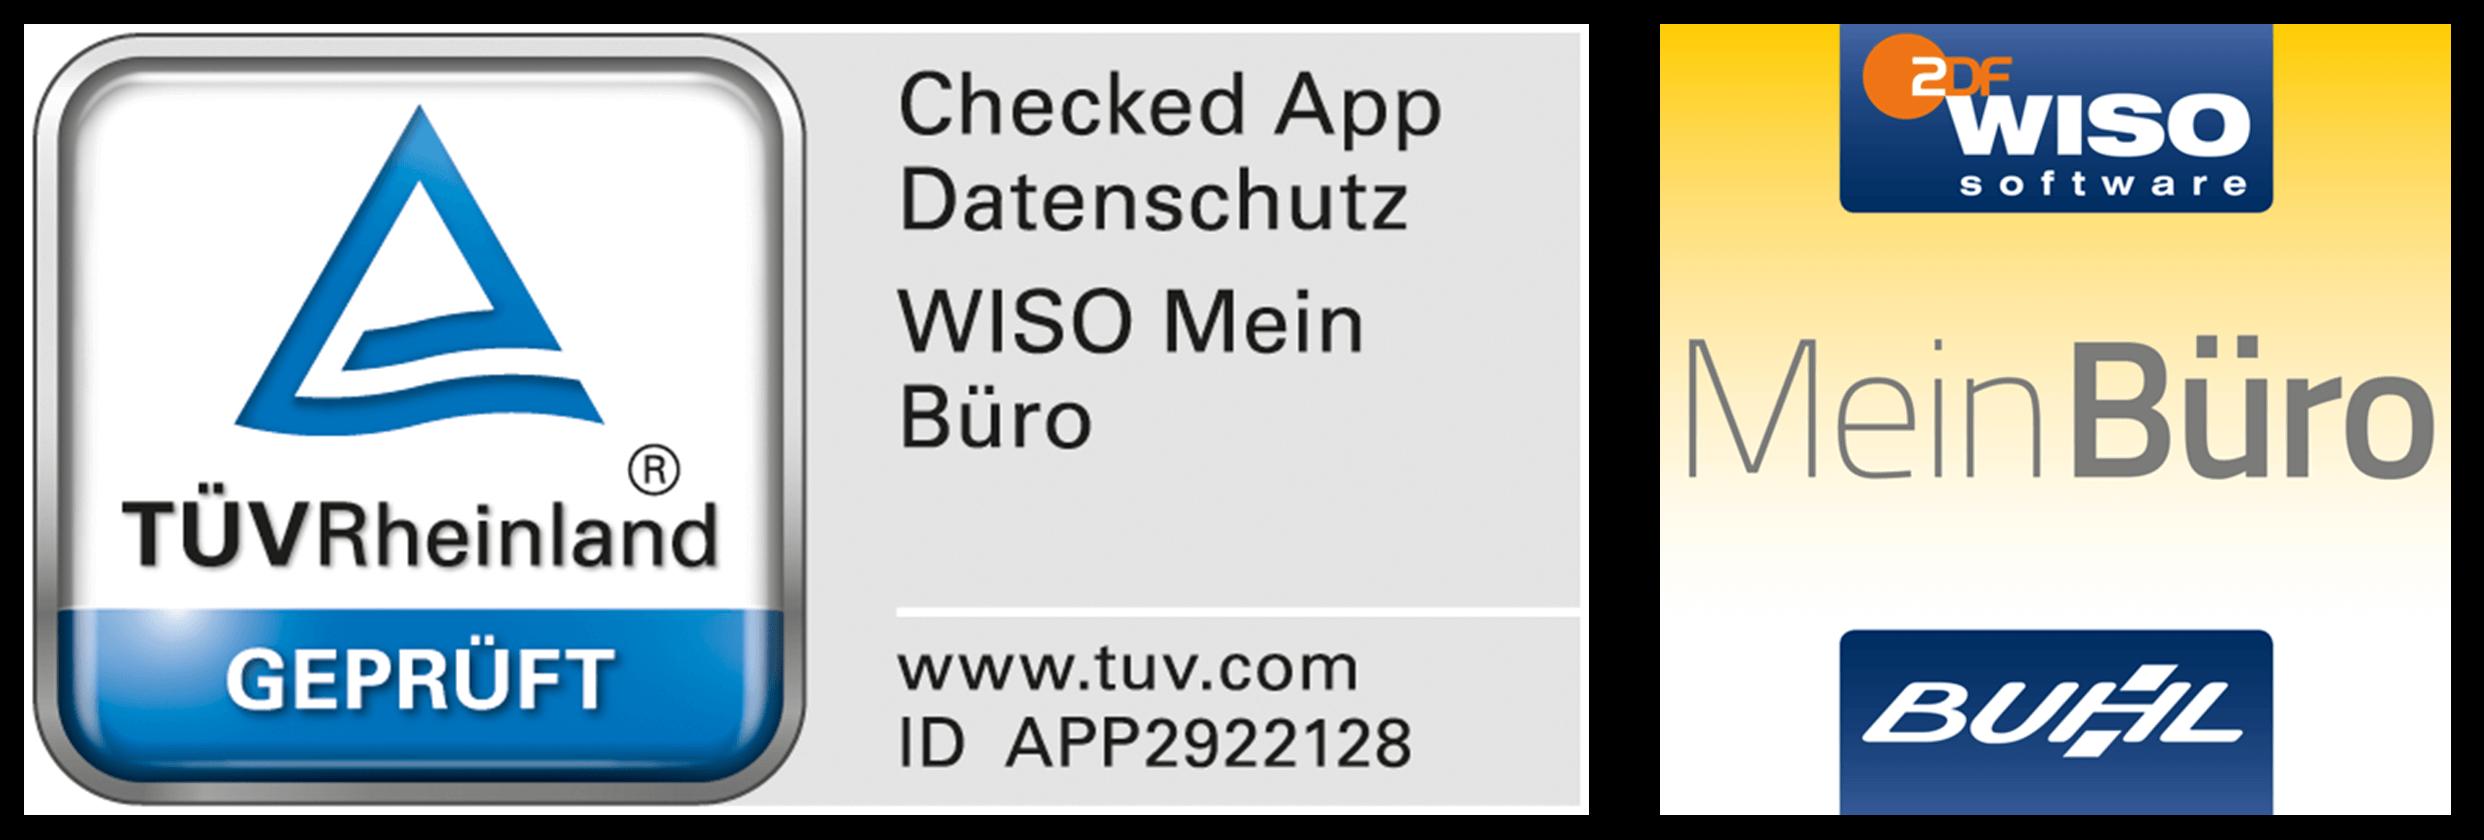 Die MeinBuero App wurde vom TUEV Rheinland zertifiziert